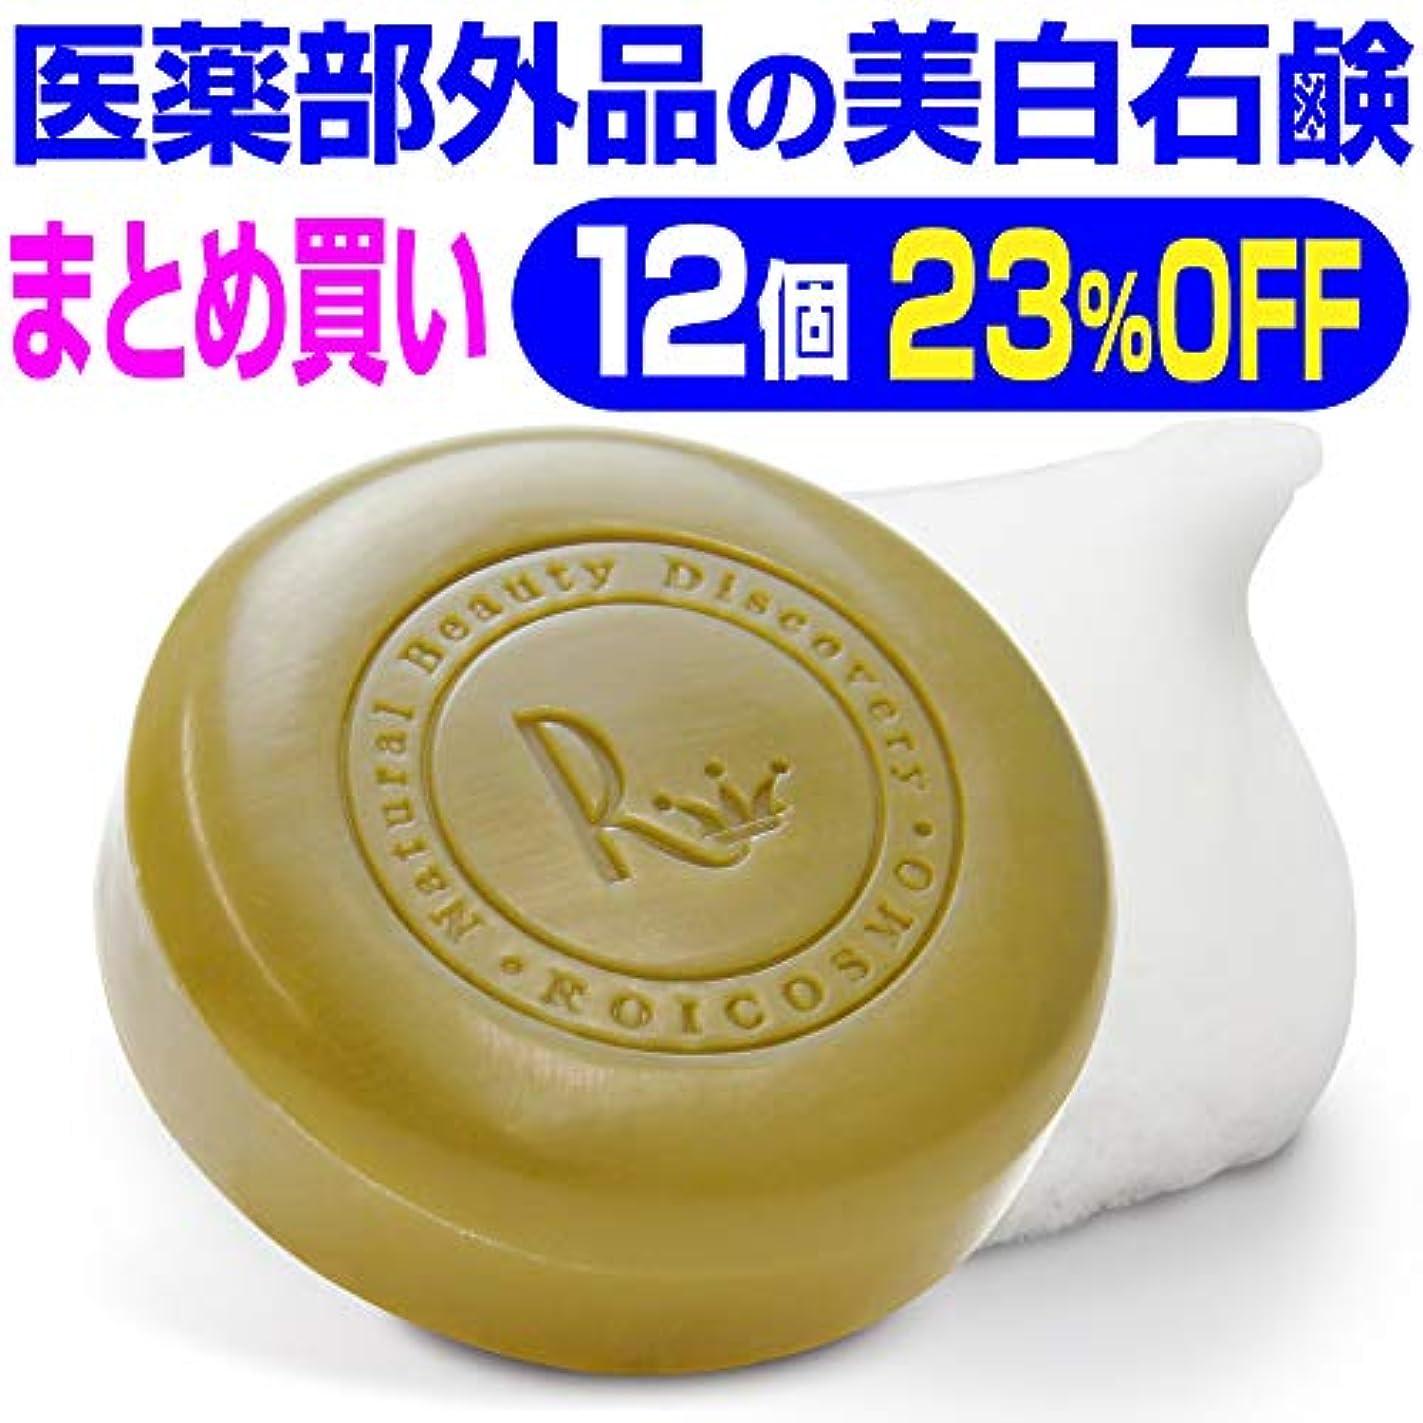 マニフェストおばさん約設定12個まとめ買い23%OFF 美白石鹸/ビタミンC270倍の美白成分配合の 洗顔石鹸『ホワイトソープ100g×12個』